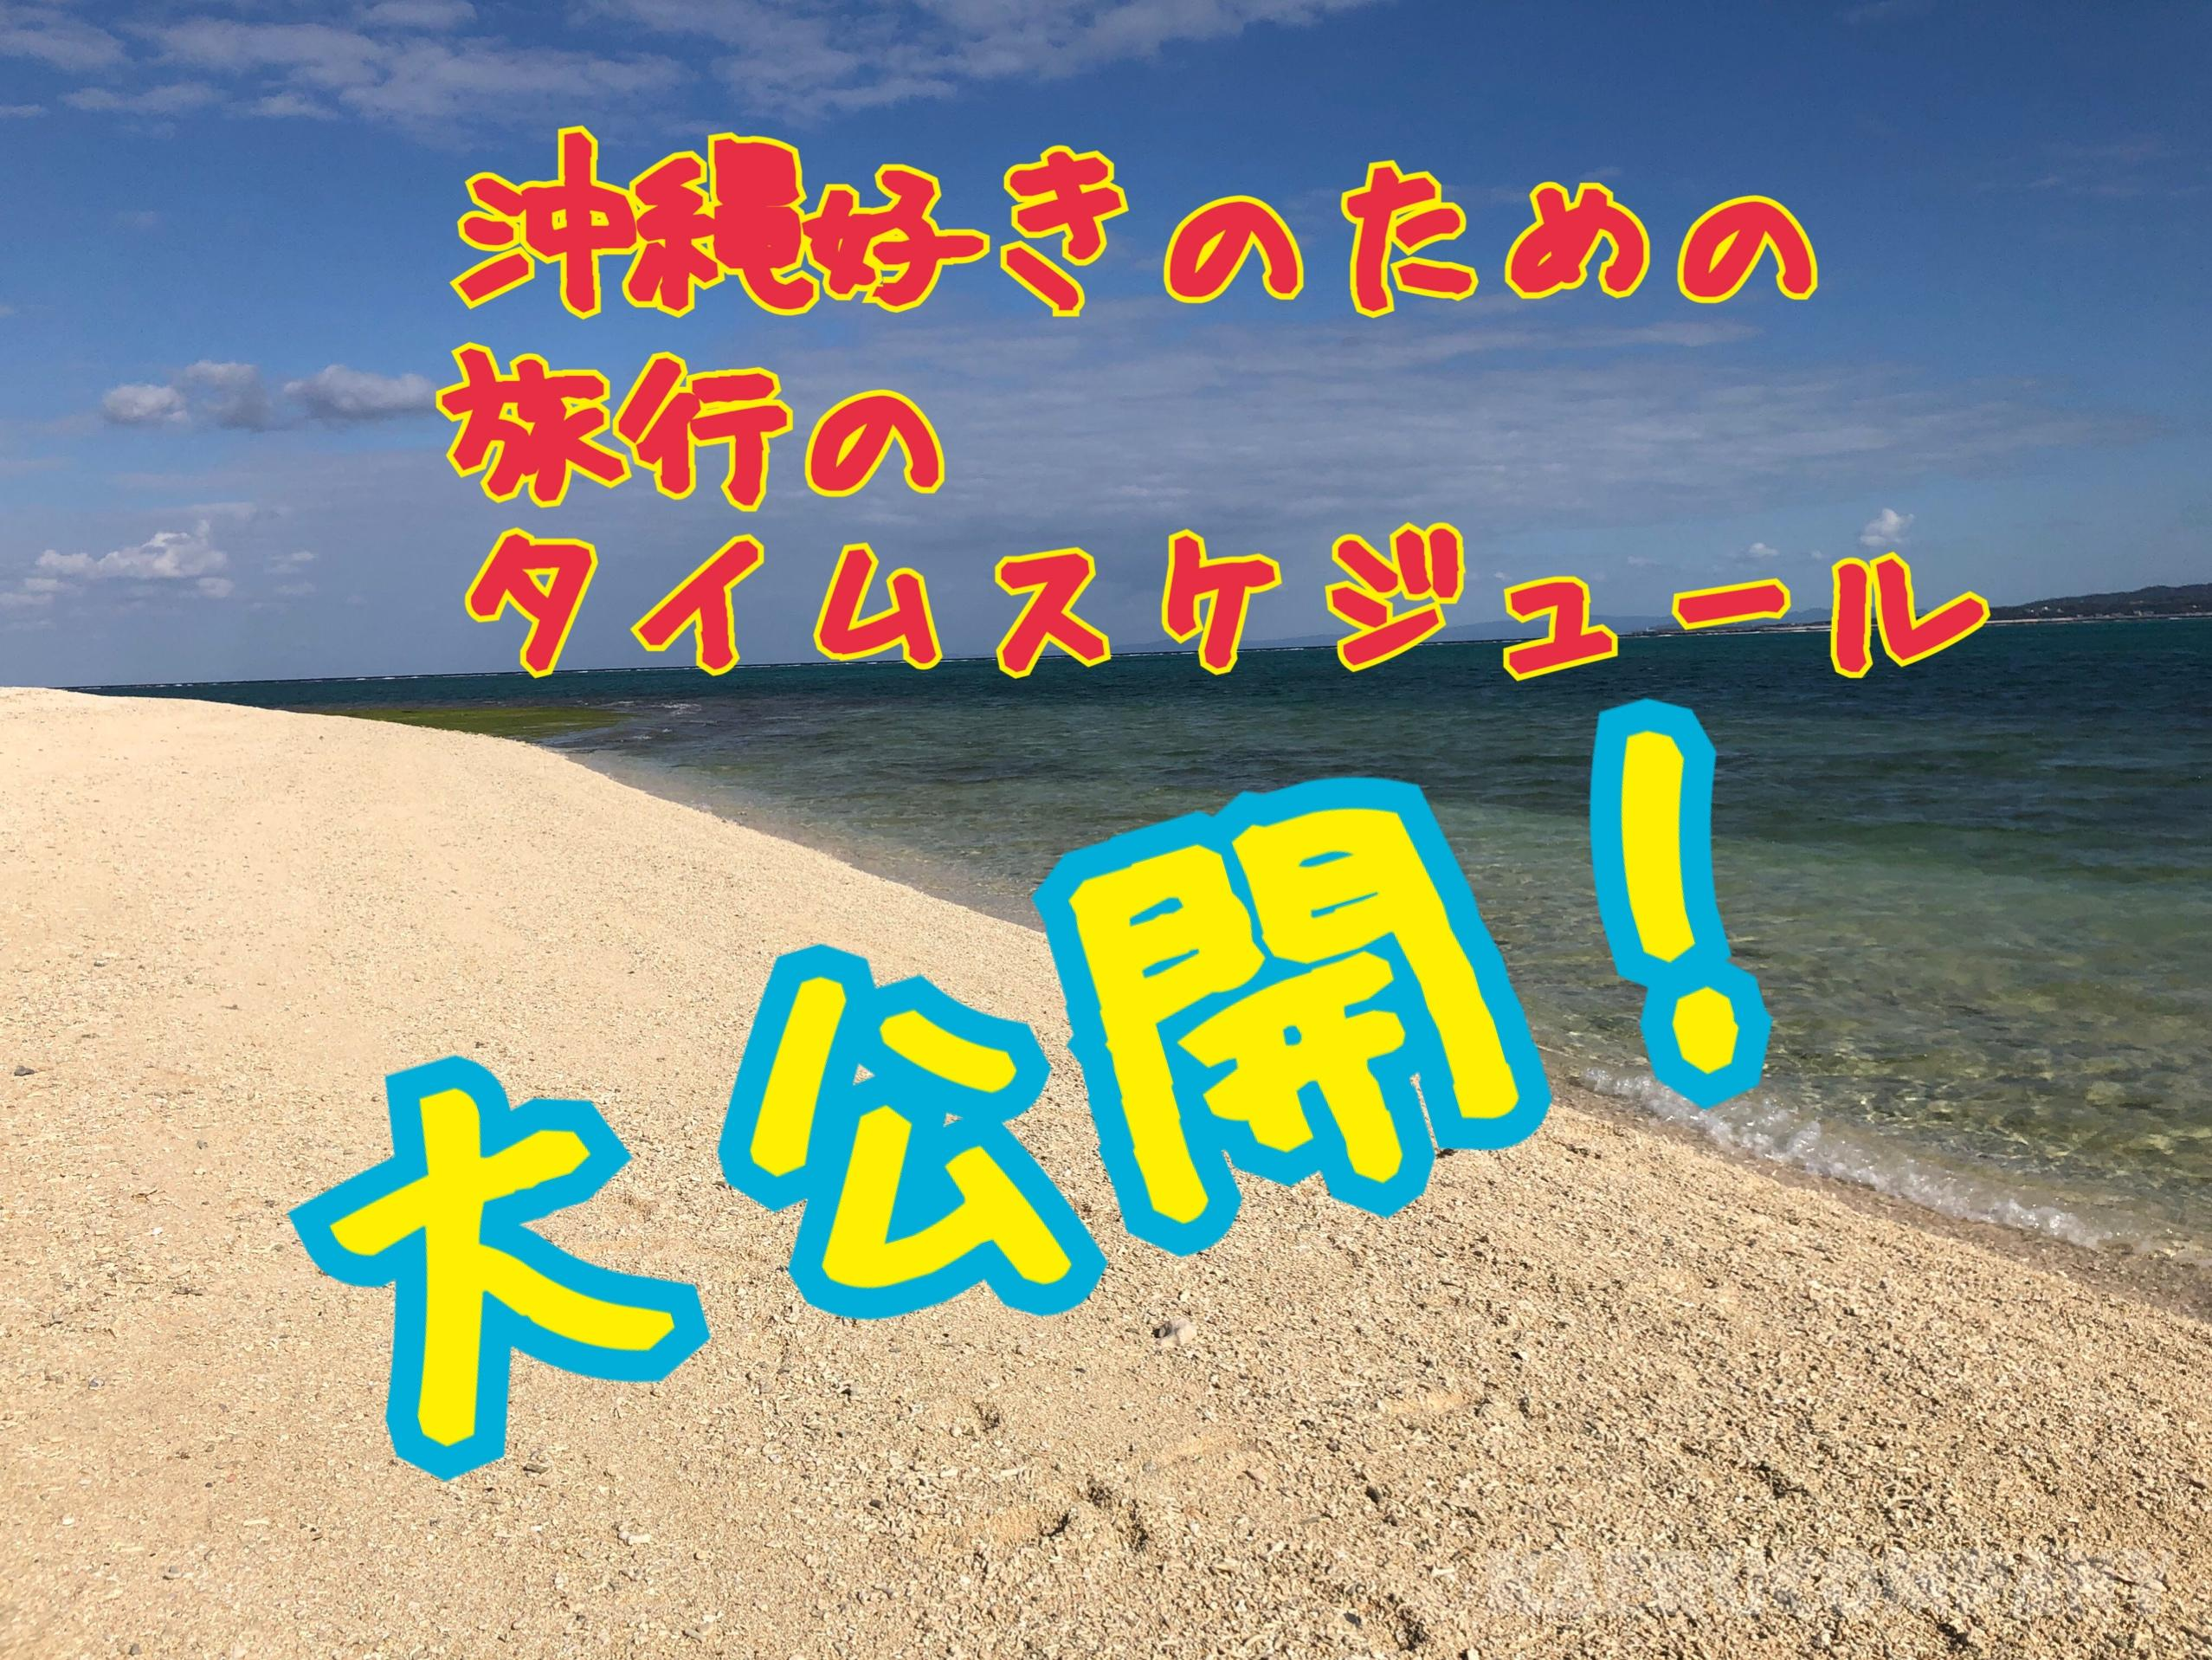 沖縄を知り尽くしたふたりの沖縄旅行タイムスケジュール大公開!